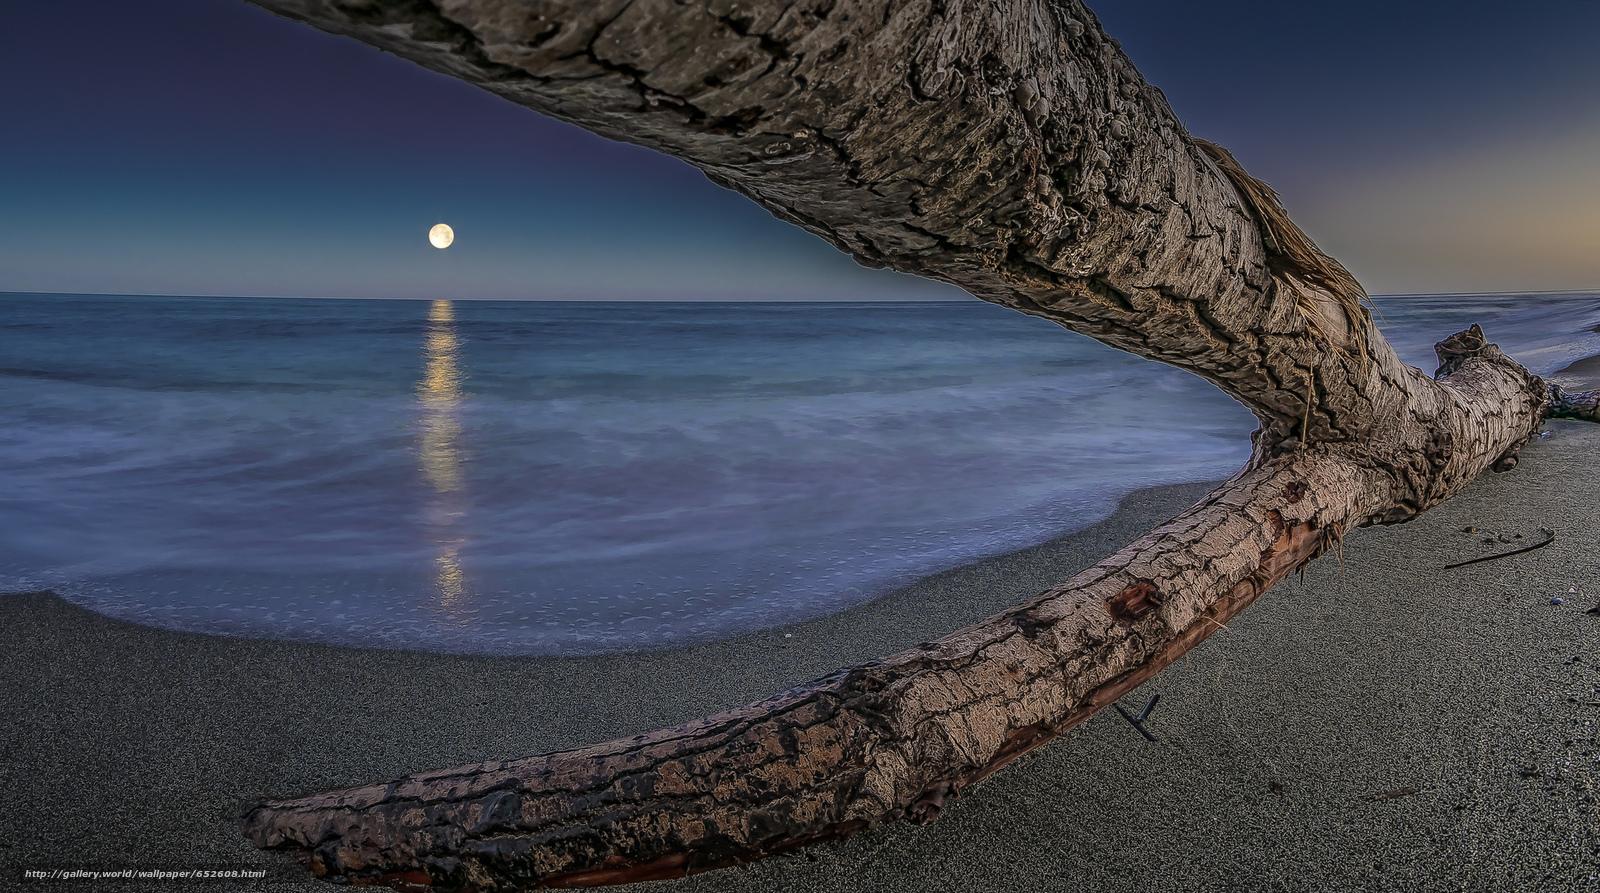 Скачать обои море,  коряга,  дерево,  небо бесплатно для рабочего стола в разрешении 2048x1143 — картинка №652608